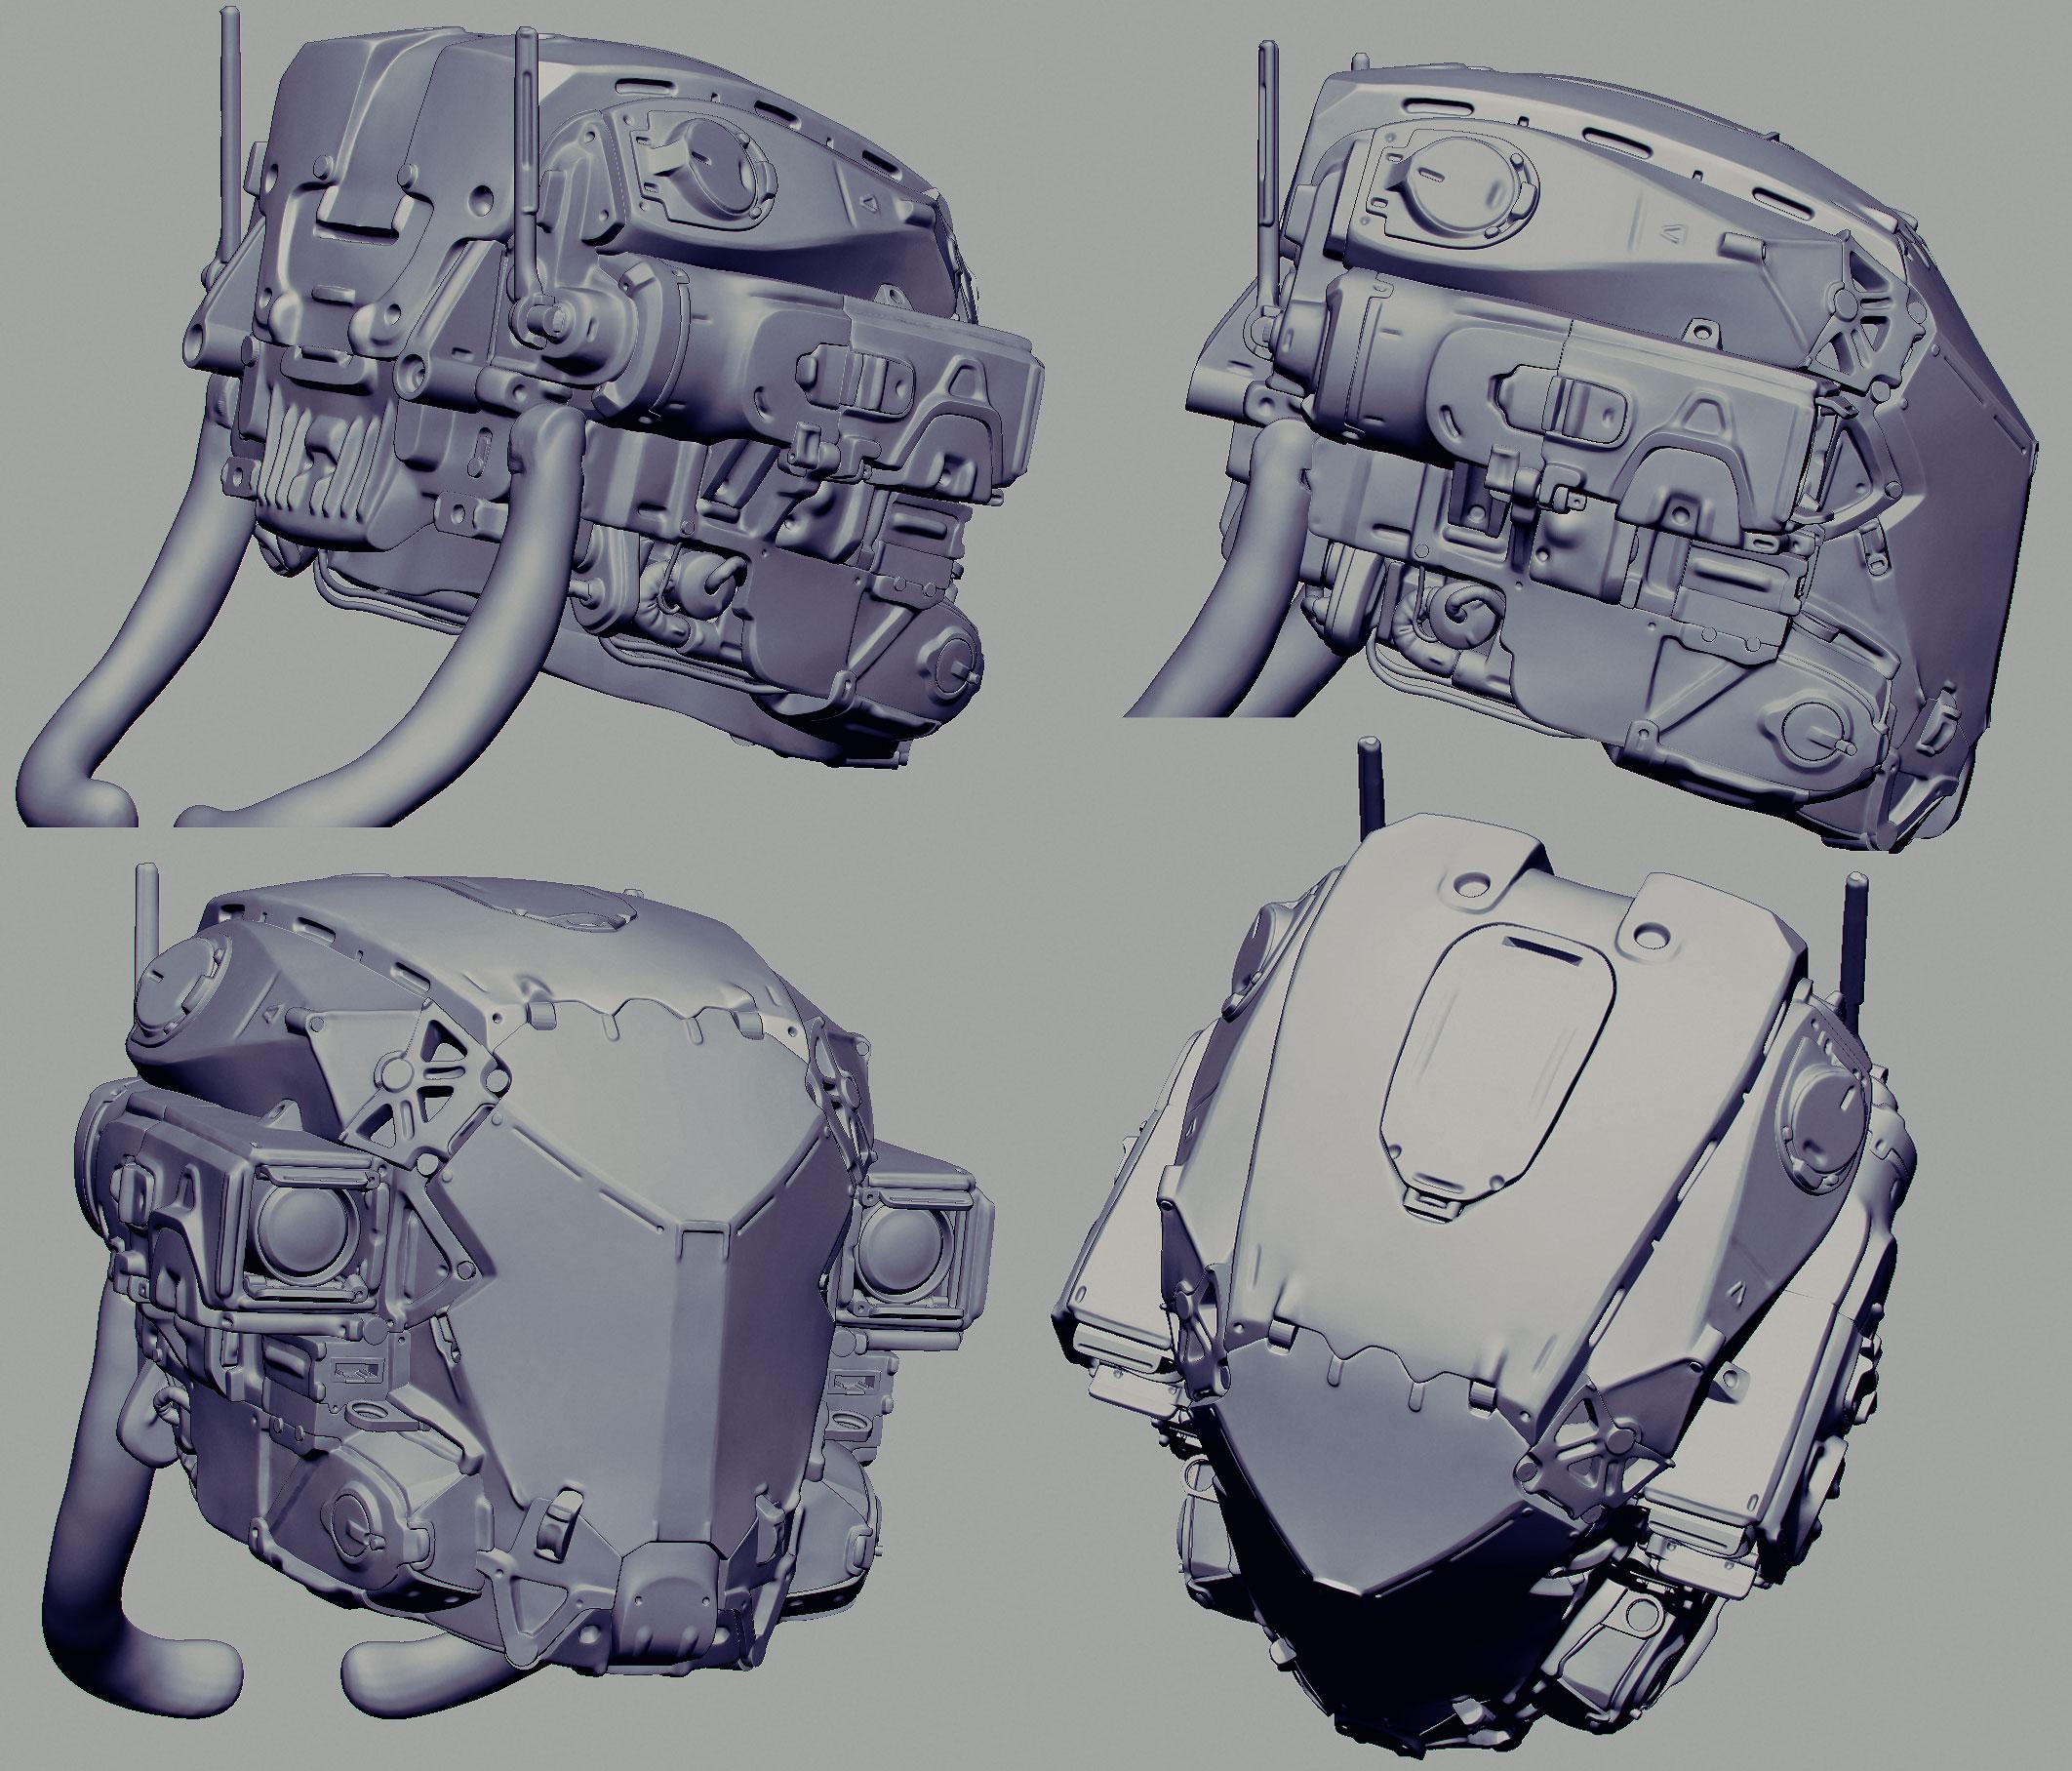 Robot_Mask.jpg (2124×1815)